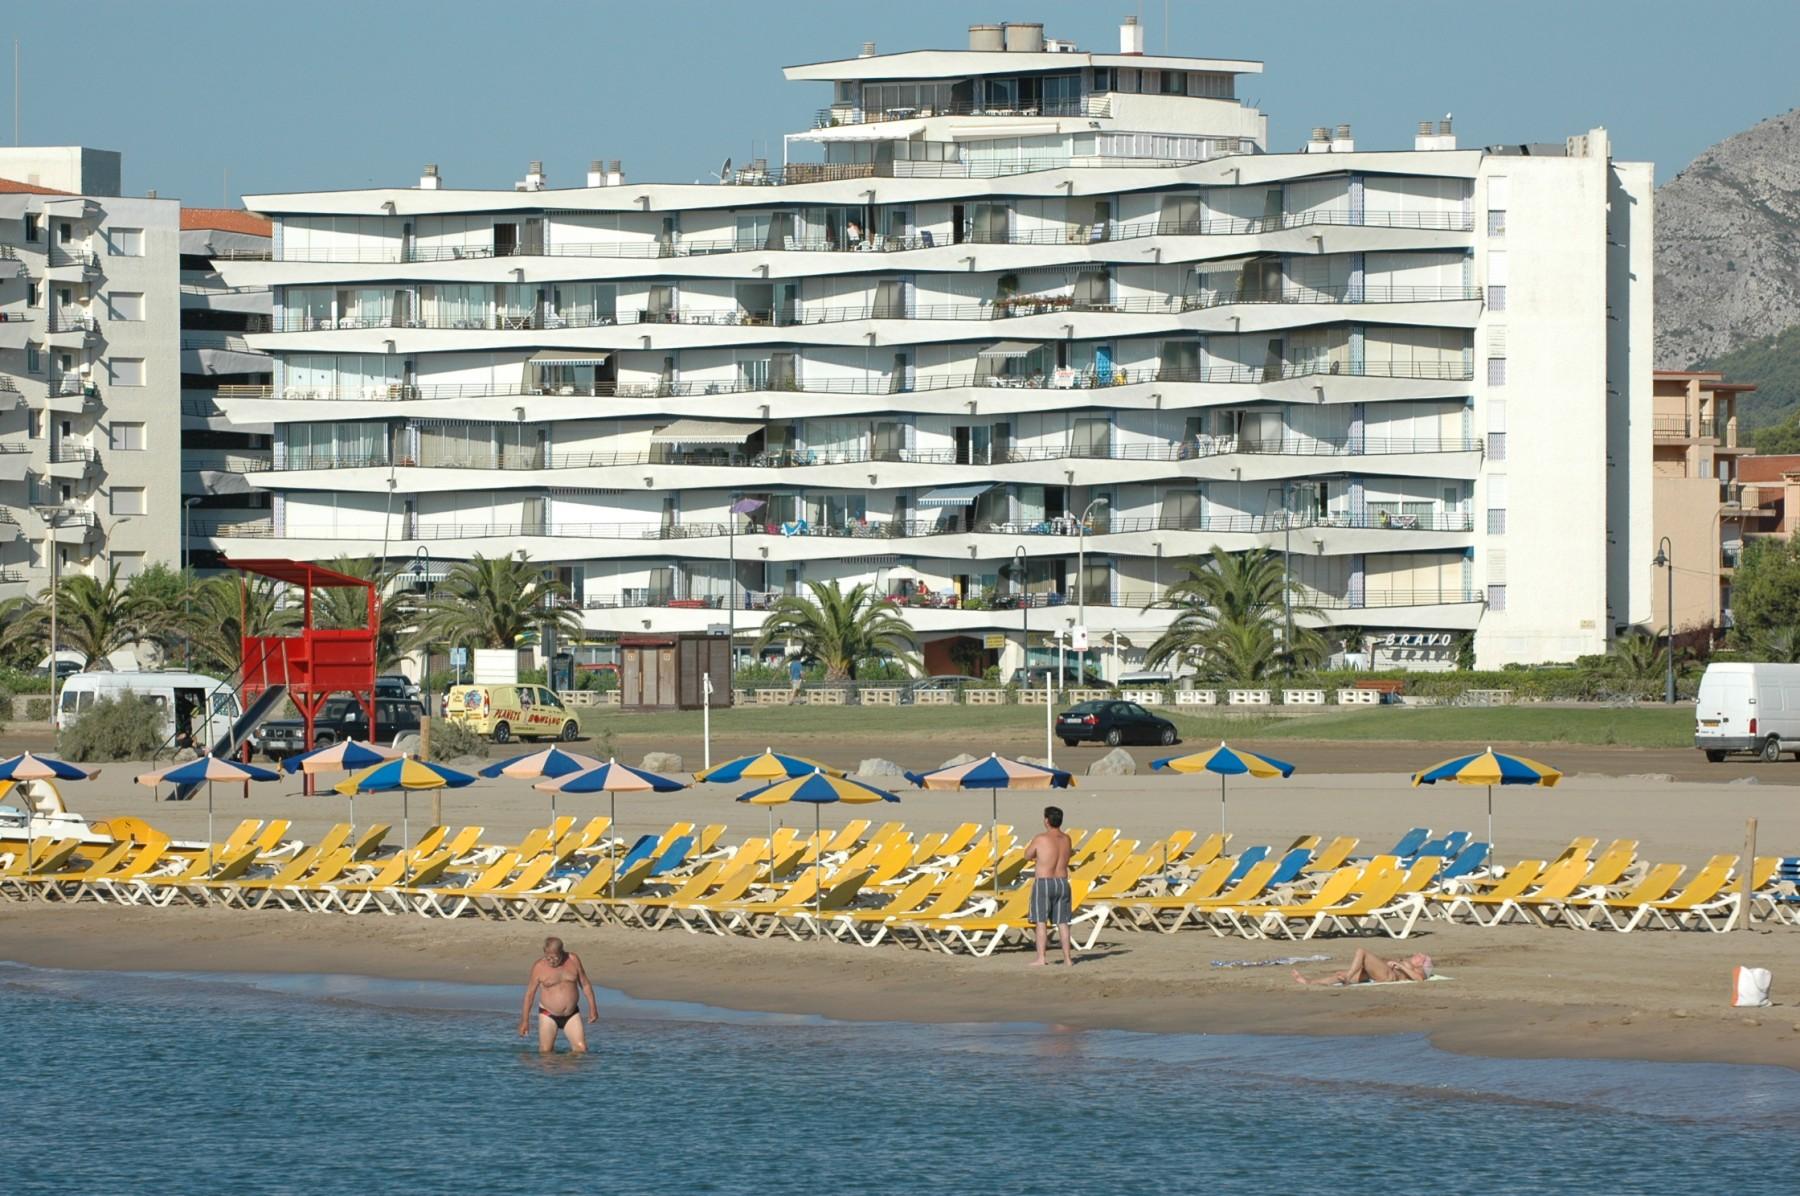 CATALONIA 3º-5ª for 4 guests in L Estartit, Spanien